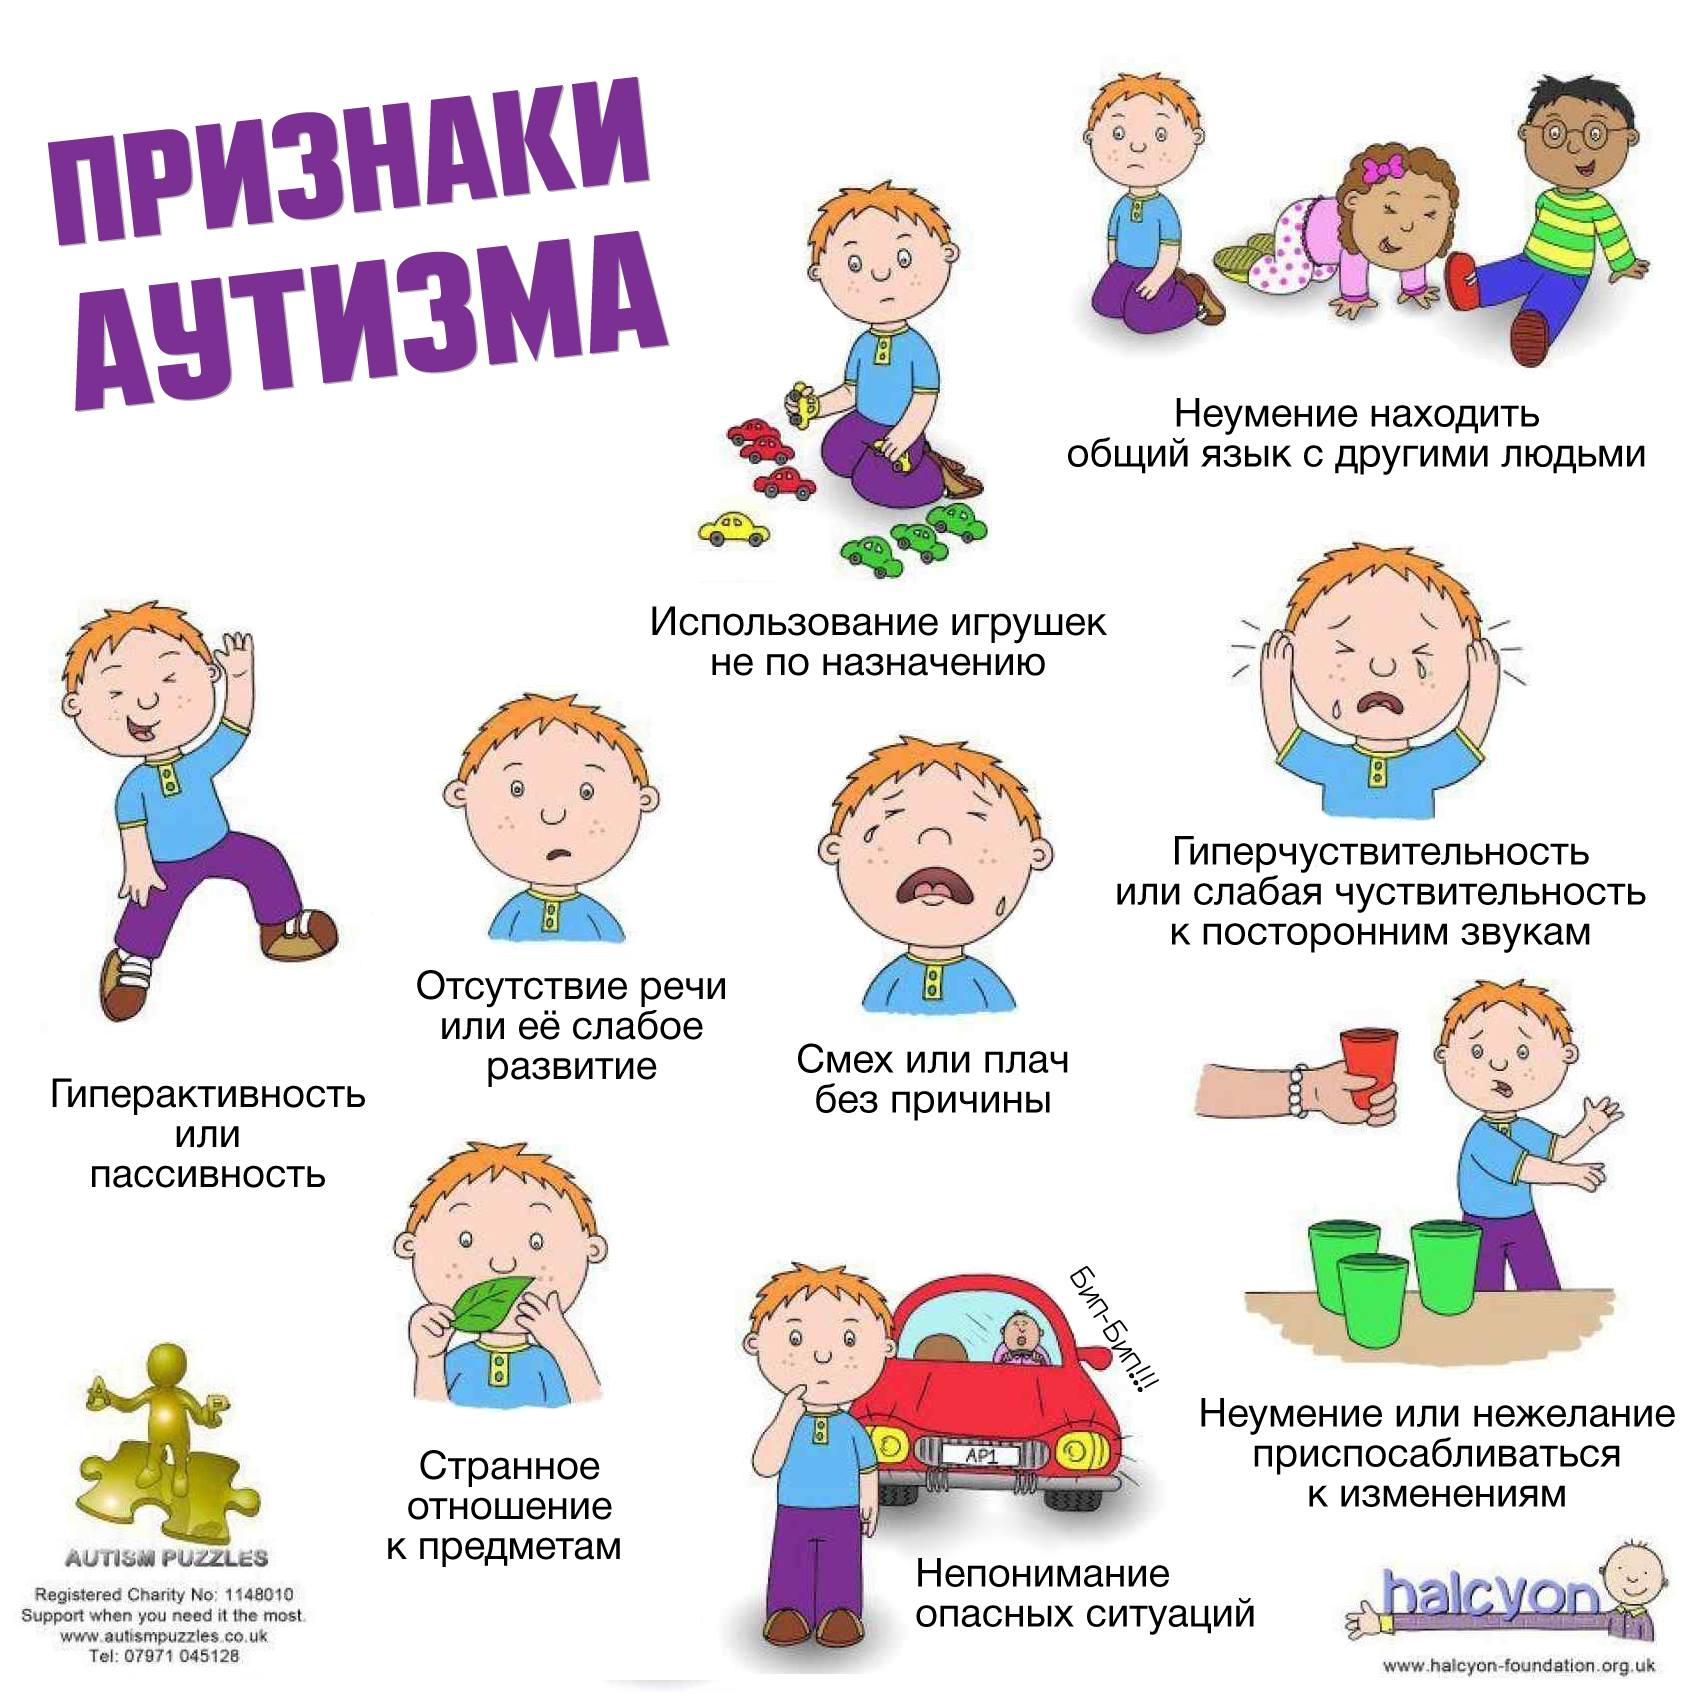 Аутизм: что это такое?